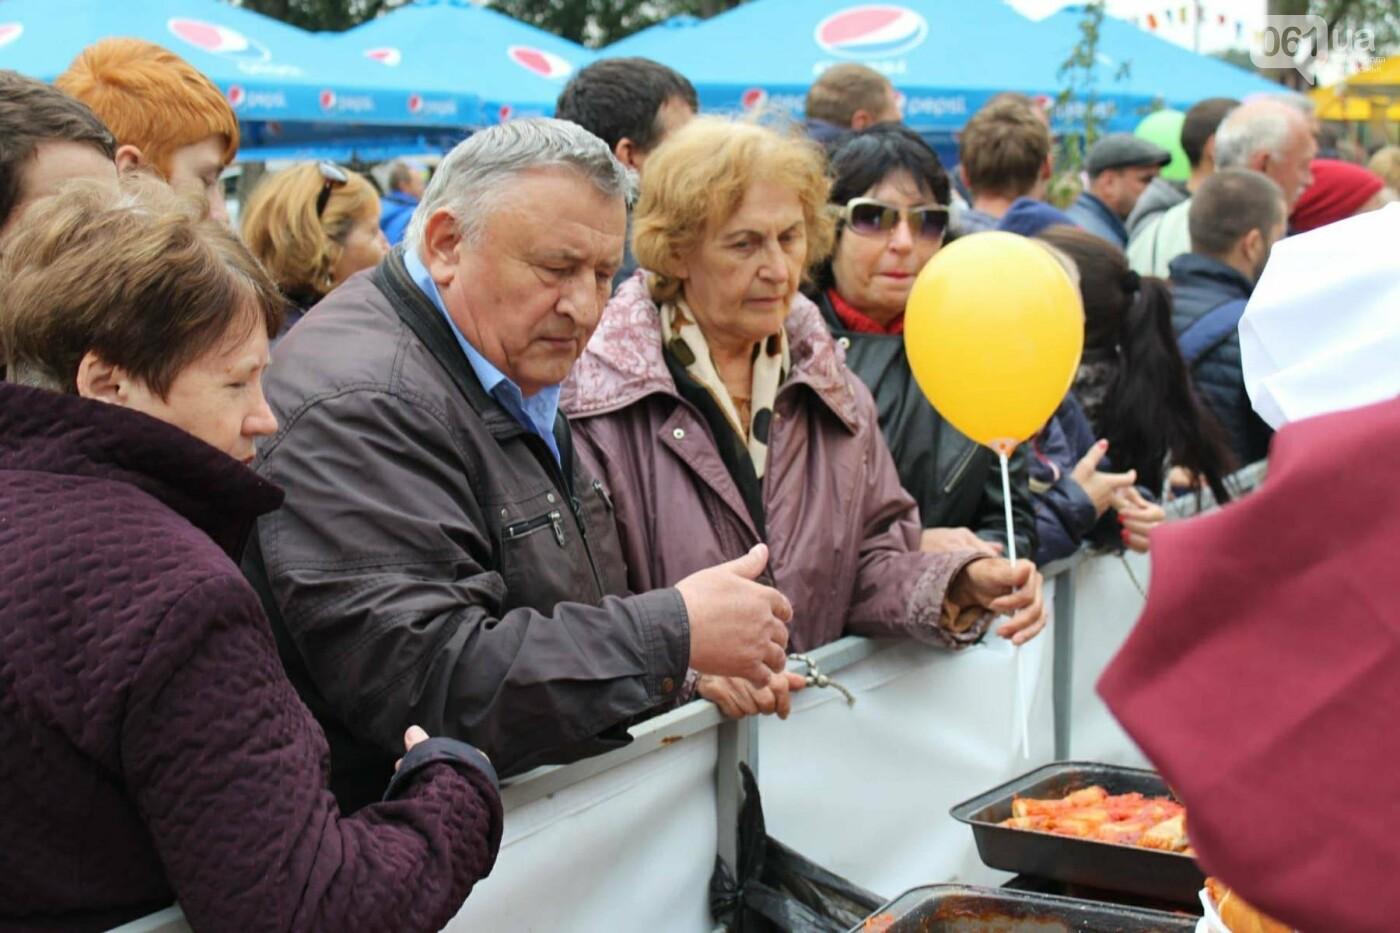 В Запорожье на ярмарке под баян начали раздавать голубцы: пока без драк, - ФОТОРЕПОРТАЖ, фото-17